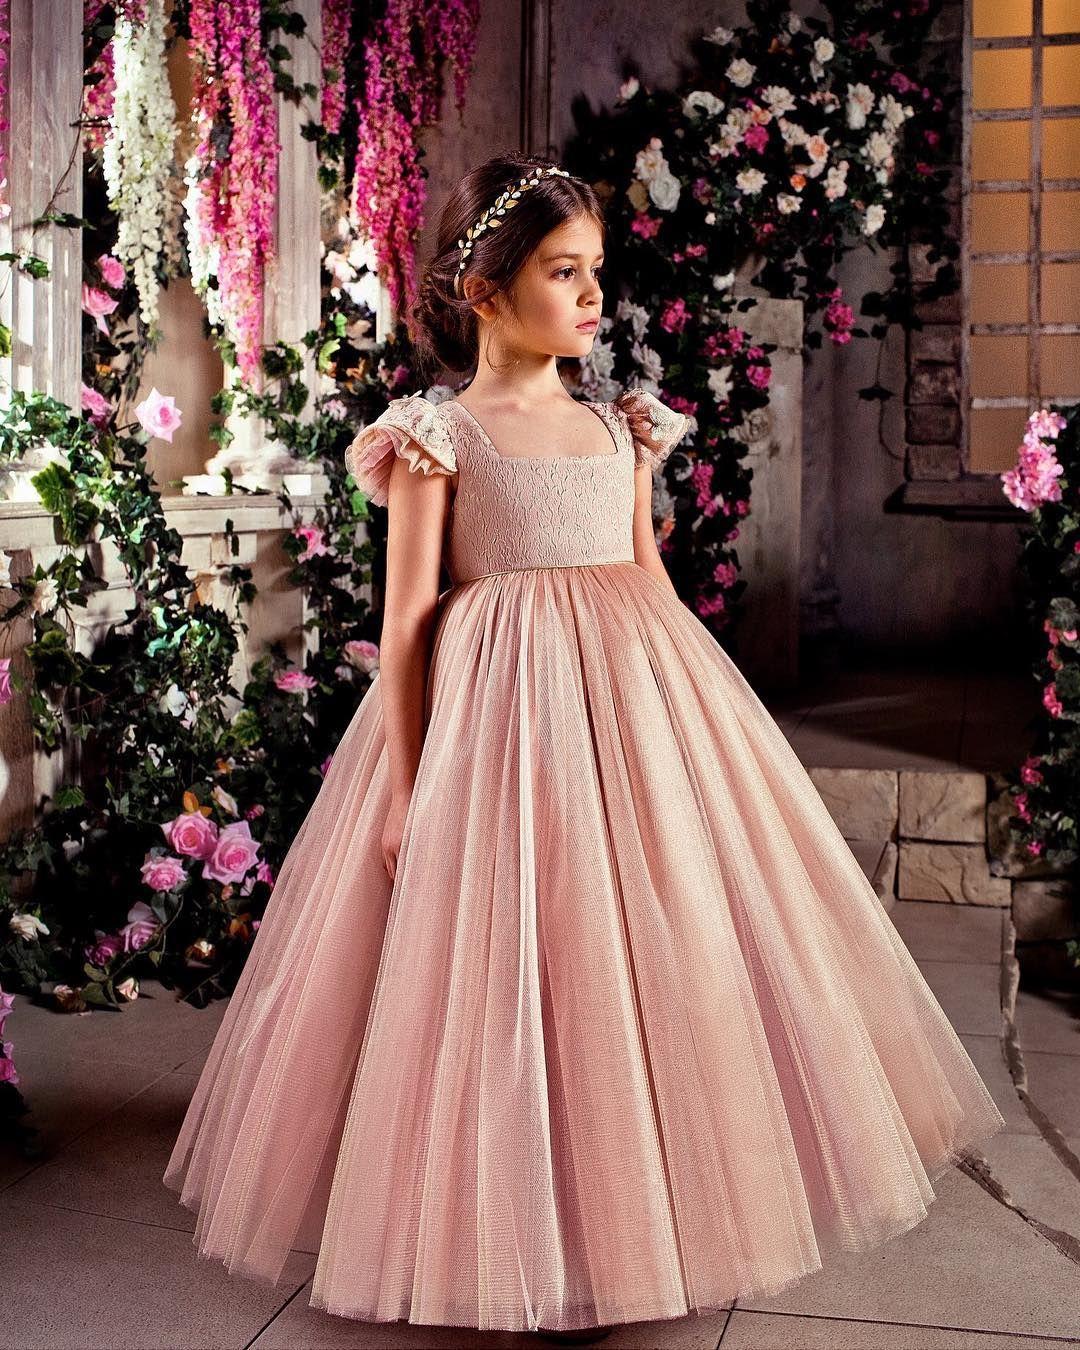 Moderno Vestidos De Fiesta Para Las Niñas Más Grandes Friso - Ideas ...